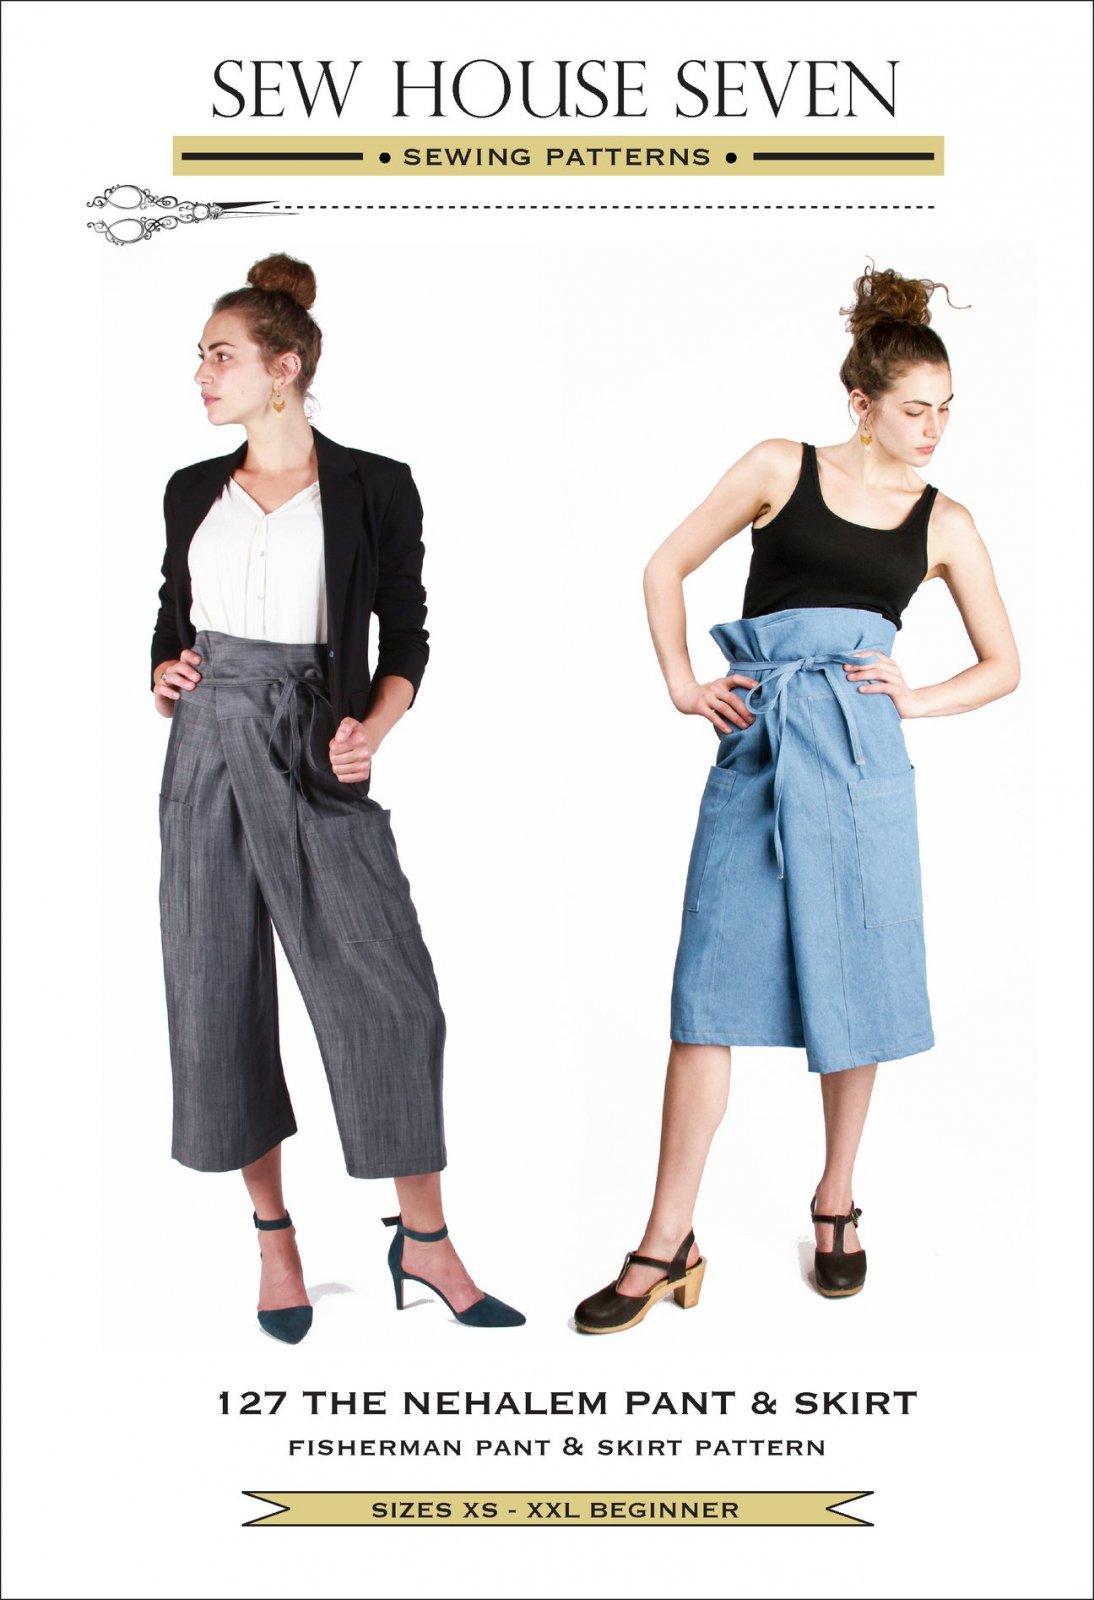 Sew House Seven - The Nehalem Pant & Skirt